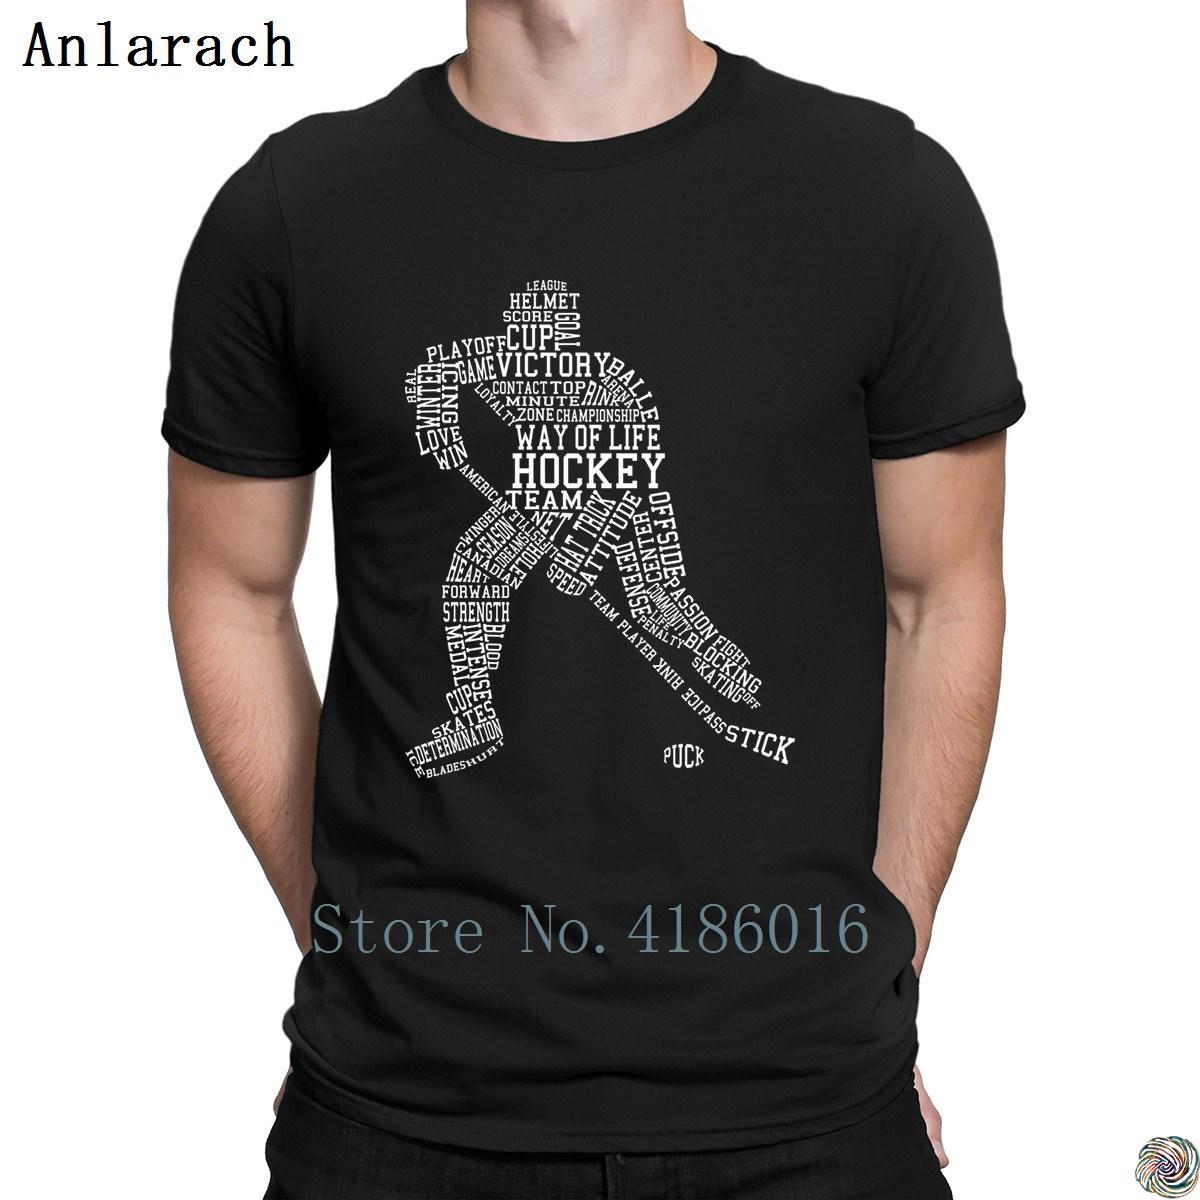 Ice hockeys Testo Figura t-shirt Tee top maglietta di alta qualità Abbigliamento Creatura fredde Euro molla di formato nuovo arrivo di autunno